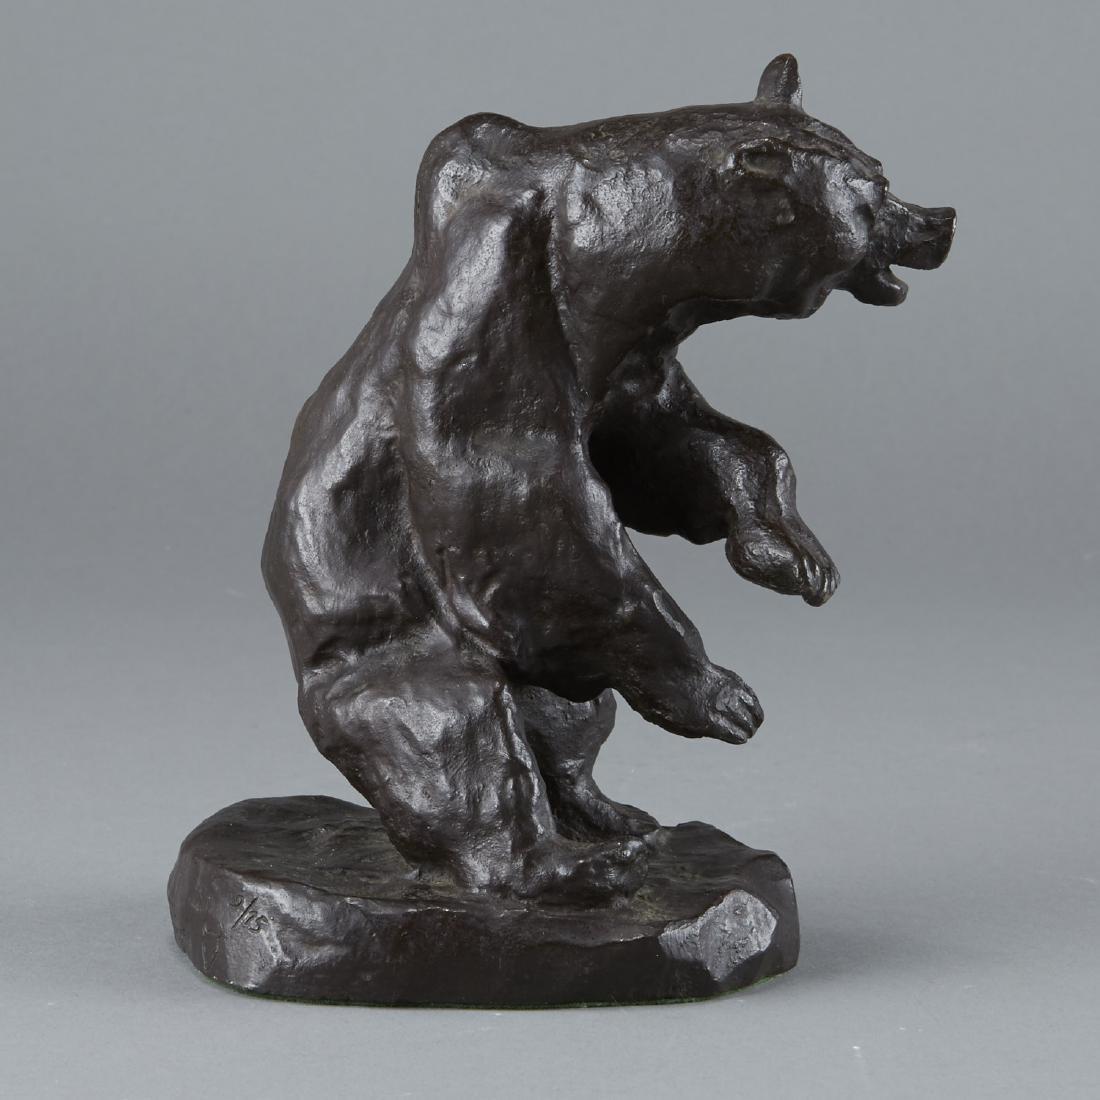 Bronze Bear Sculpture After Charles Russell - 3